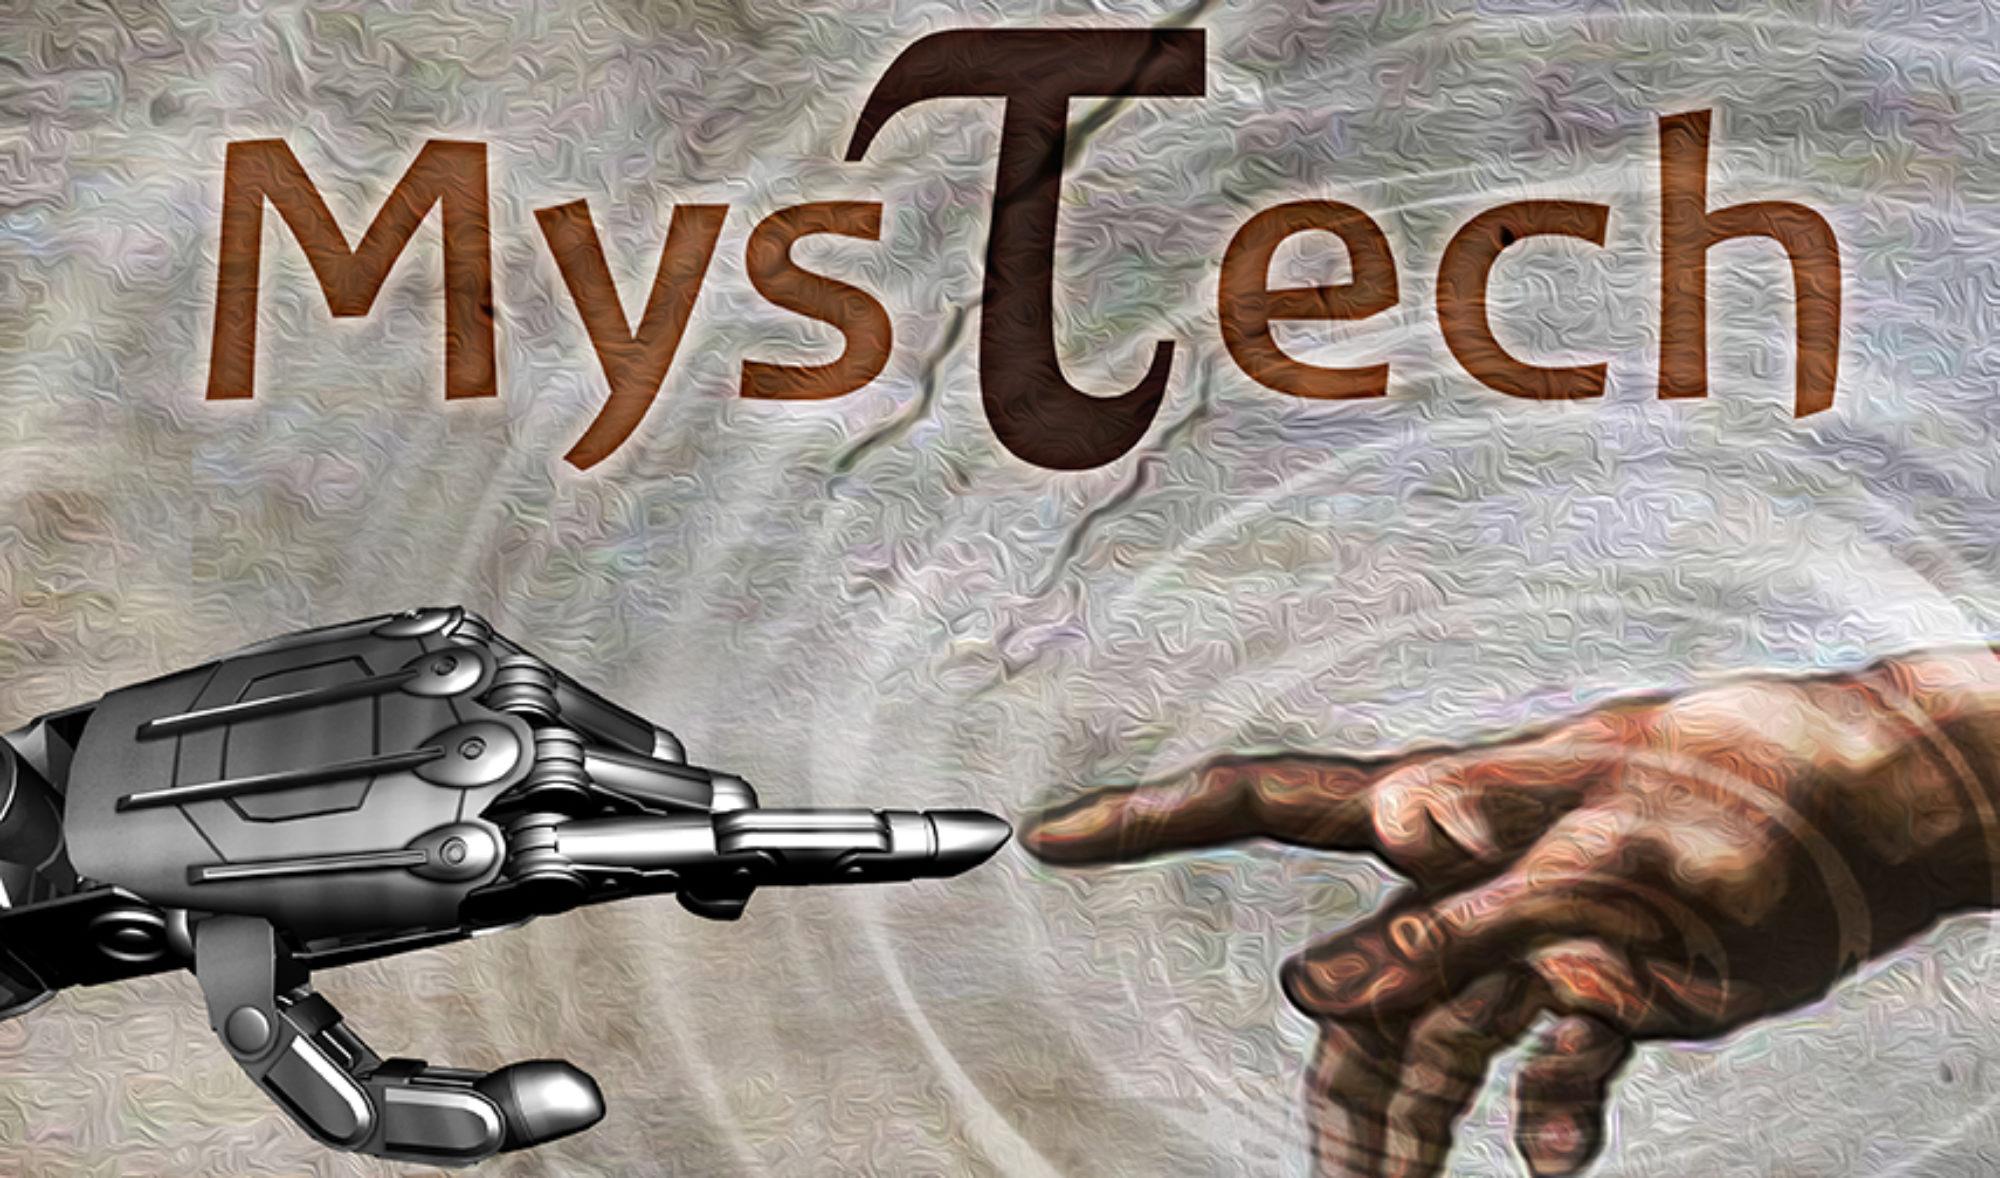 MysTech